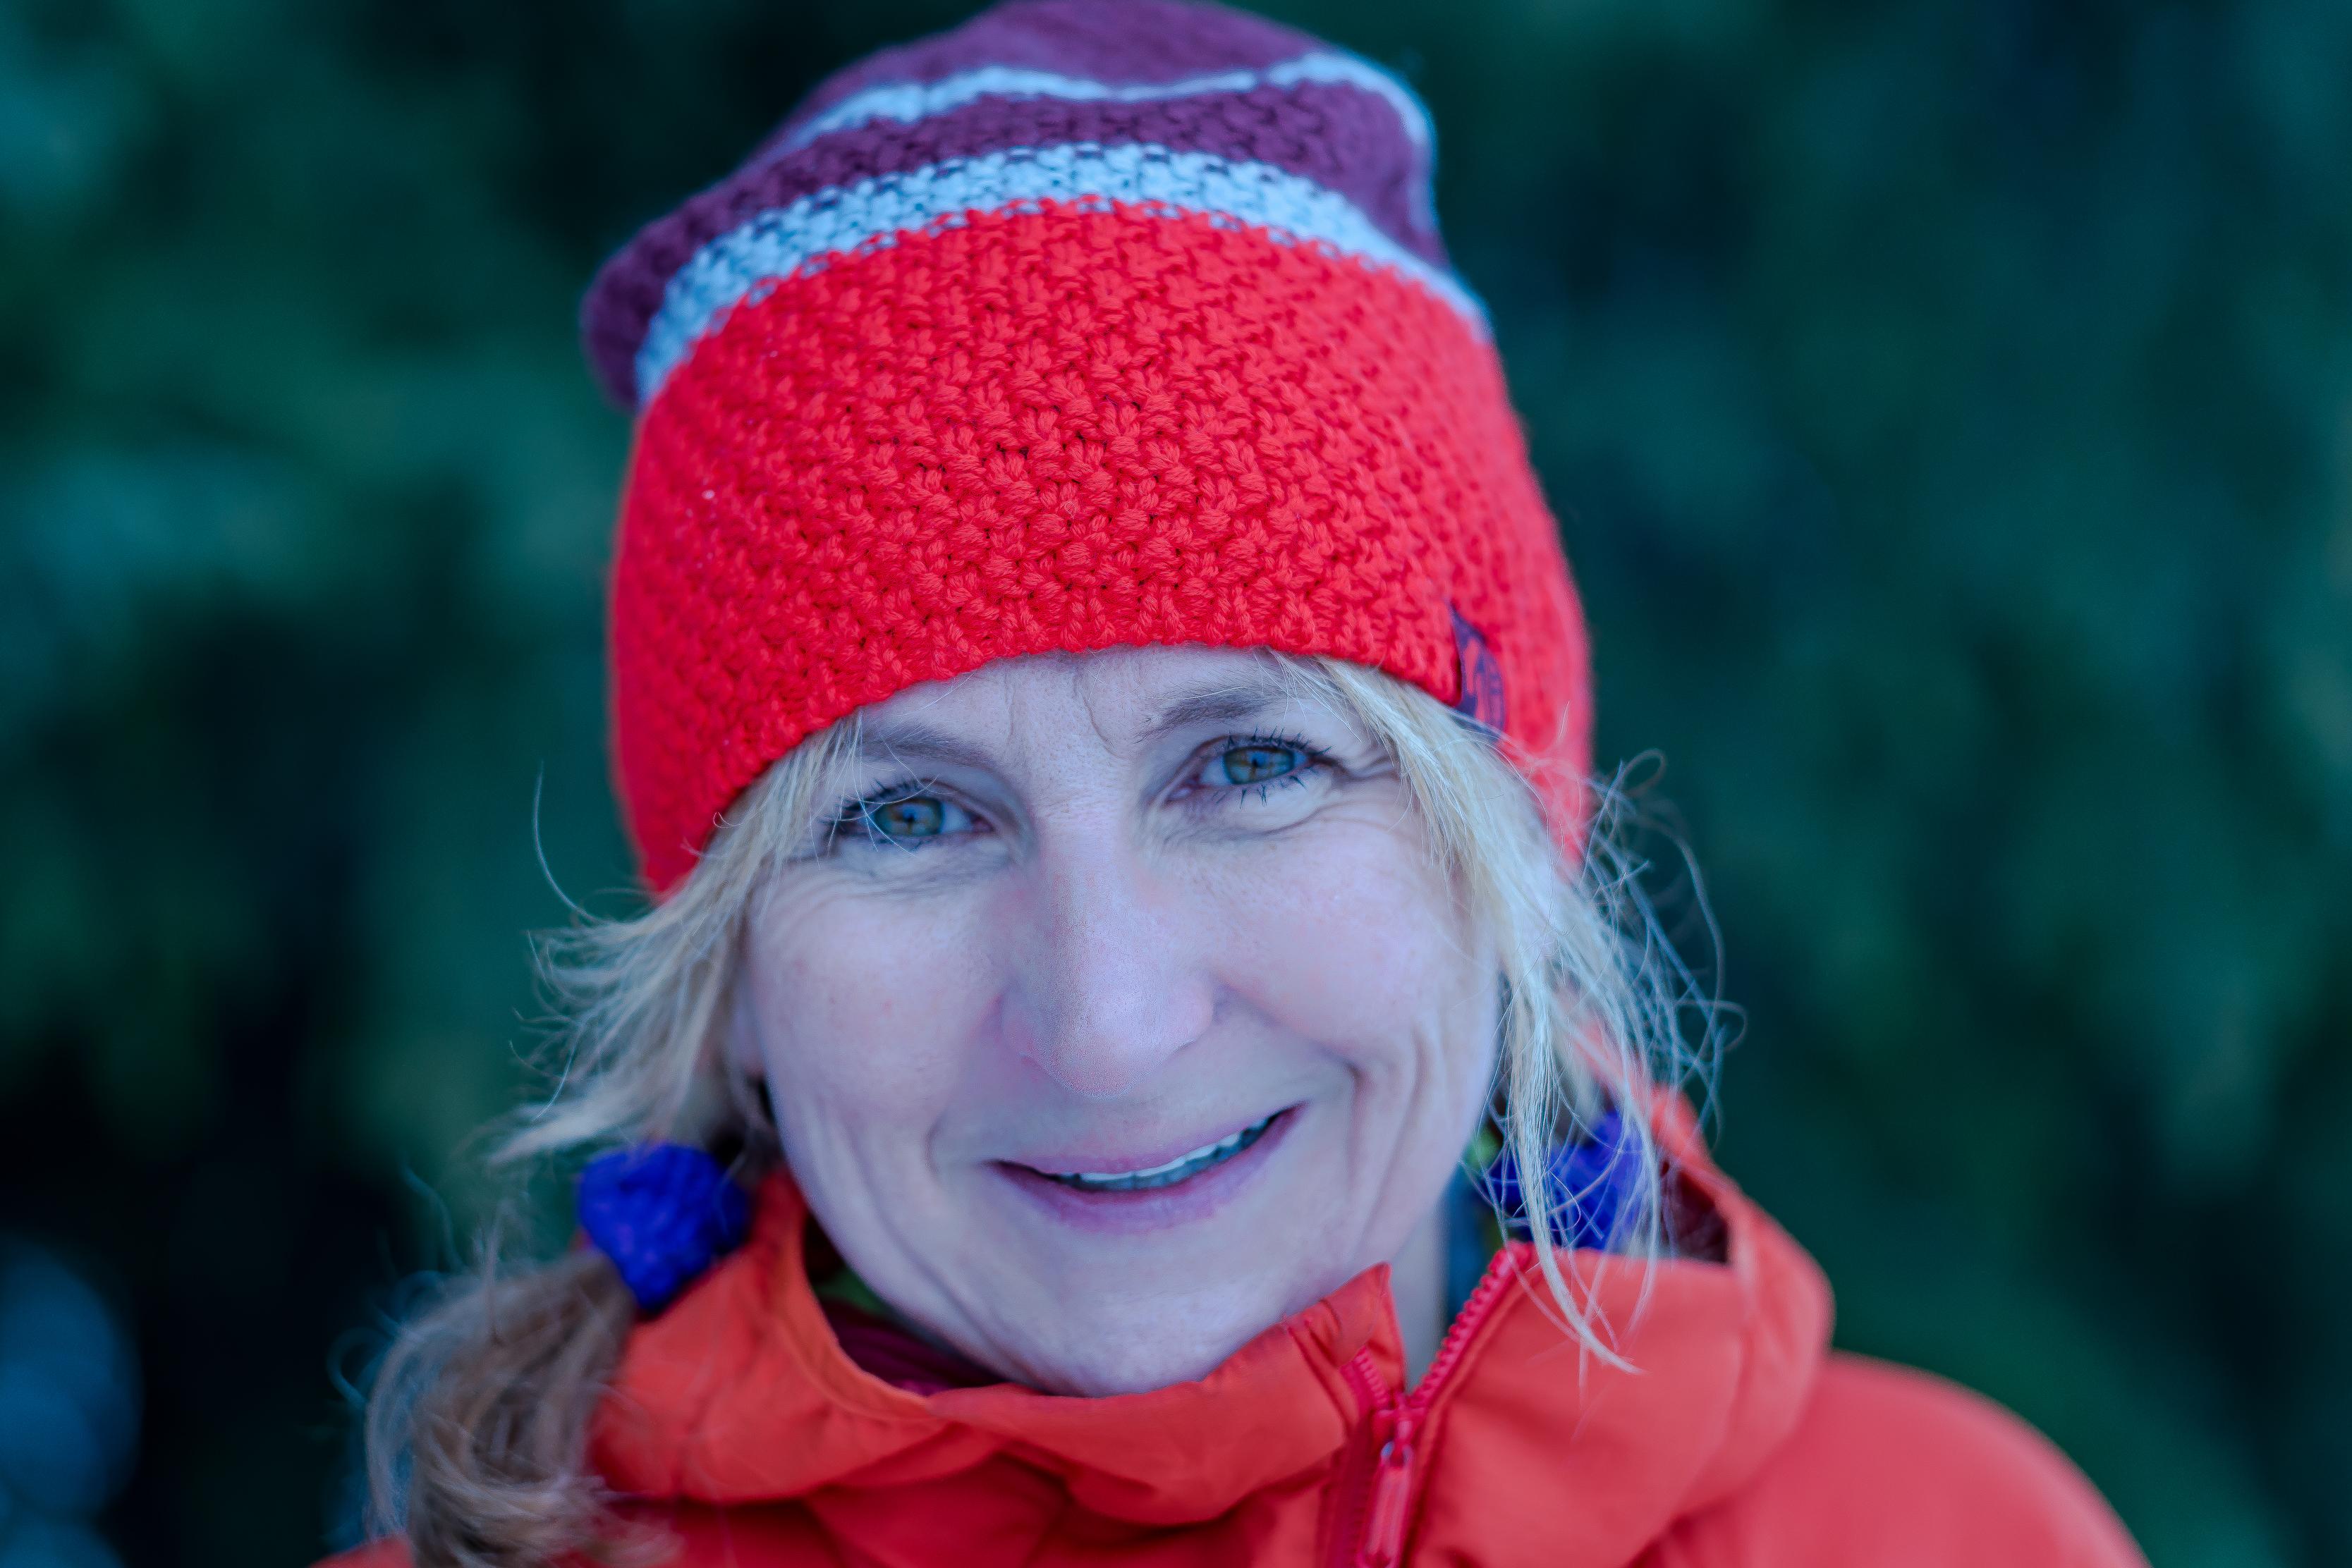 Conférences en entreprise avec Sophie Lavaud, Himalayenne de renom, sur le thème de la motivation, du leadership ou du bien-être au travail, par UnoMe, le Bureau de Conférenciers Suisses